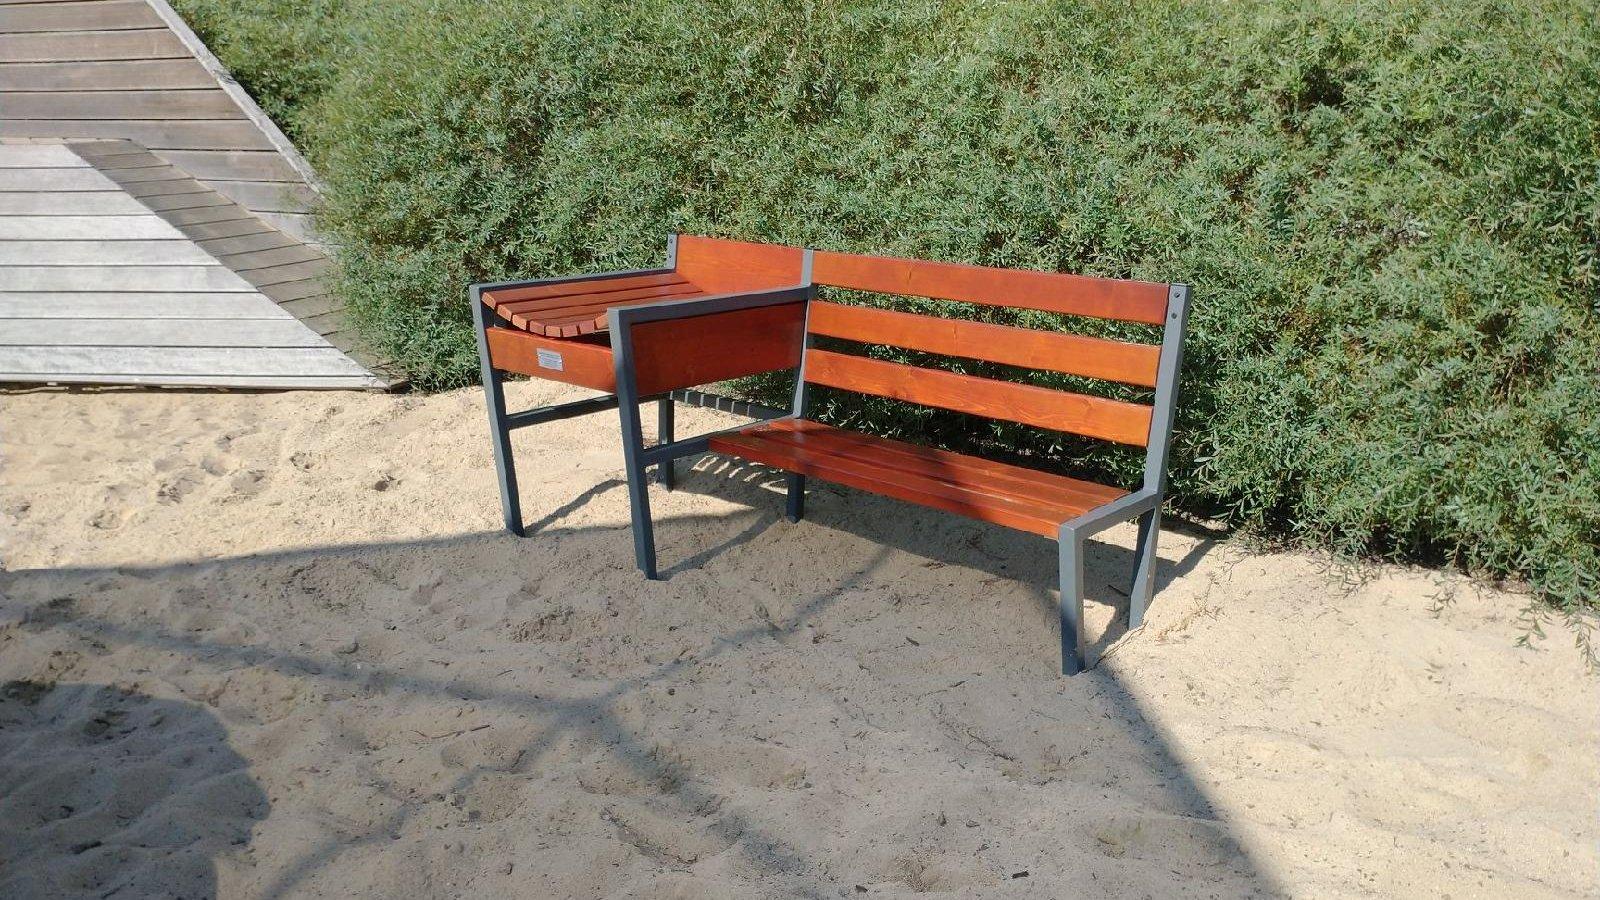 Na zdjęciu znajduje się ławka z zamontowanym przewijakiem dla dzieci. Ławka stoi na piasku, w tle widać zielone krzewy. - grafika artykułu